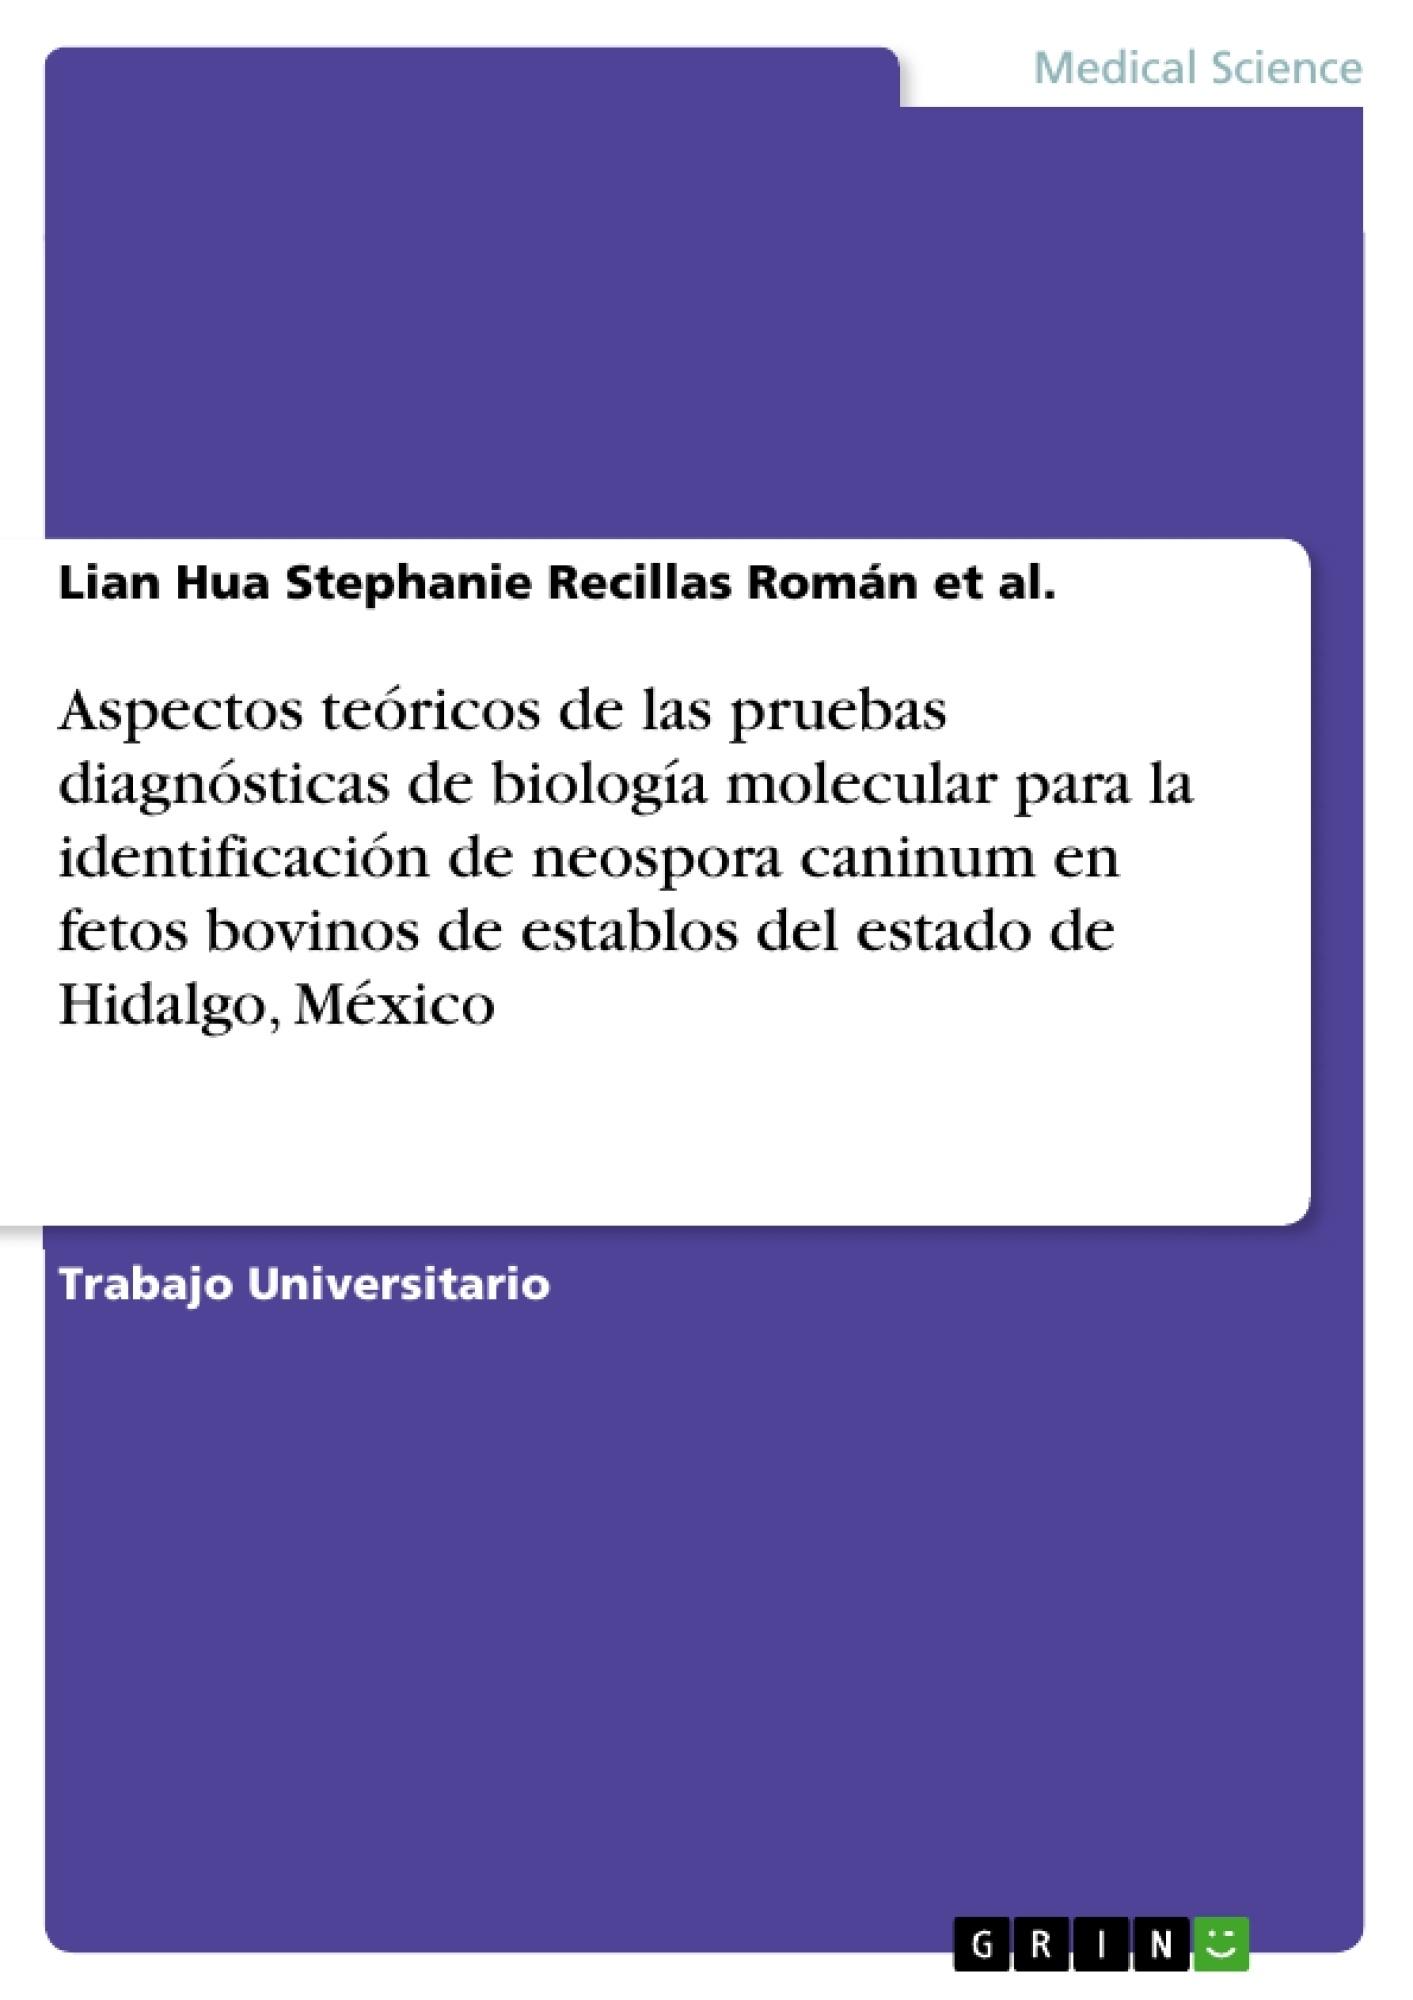 Título: Aspectos teóricos de las pruebas diagnósticas de biología molecular para la identificación de neospora caninum en fetos bovinos de establos del estado de Hidalgo, México